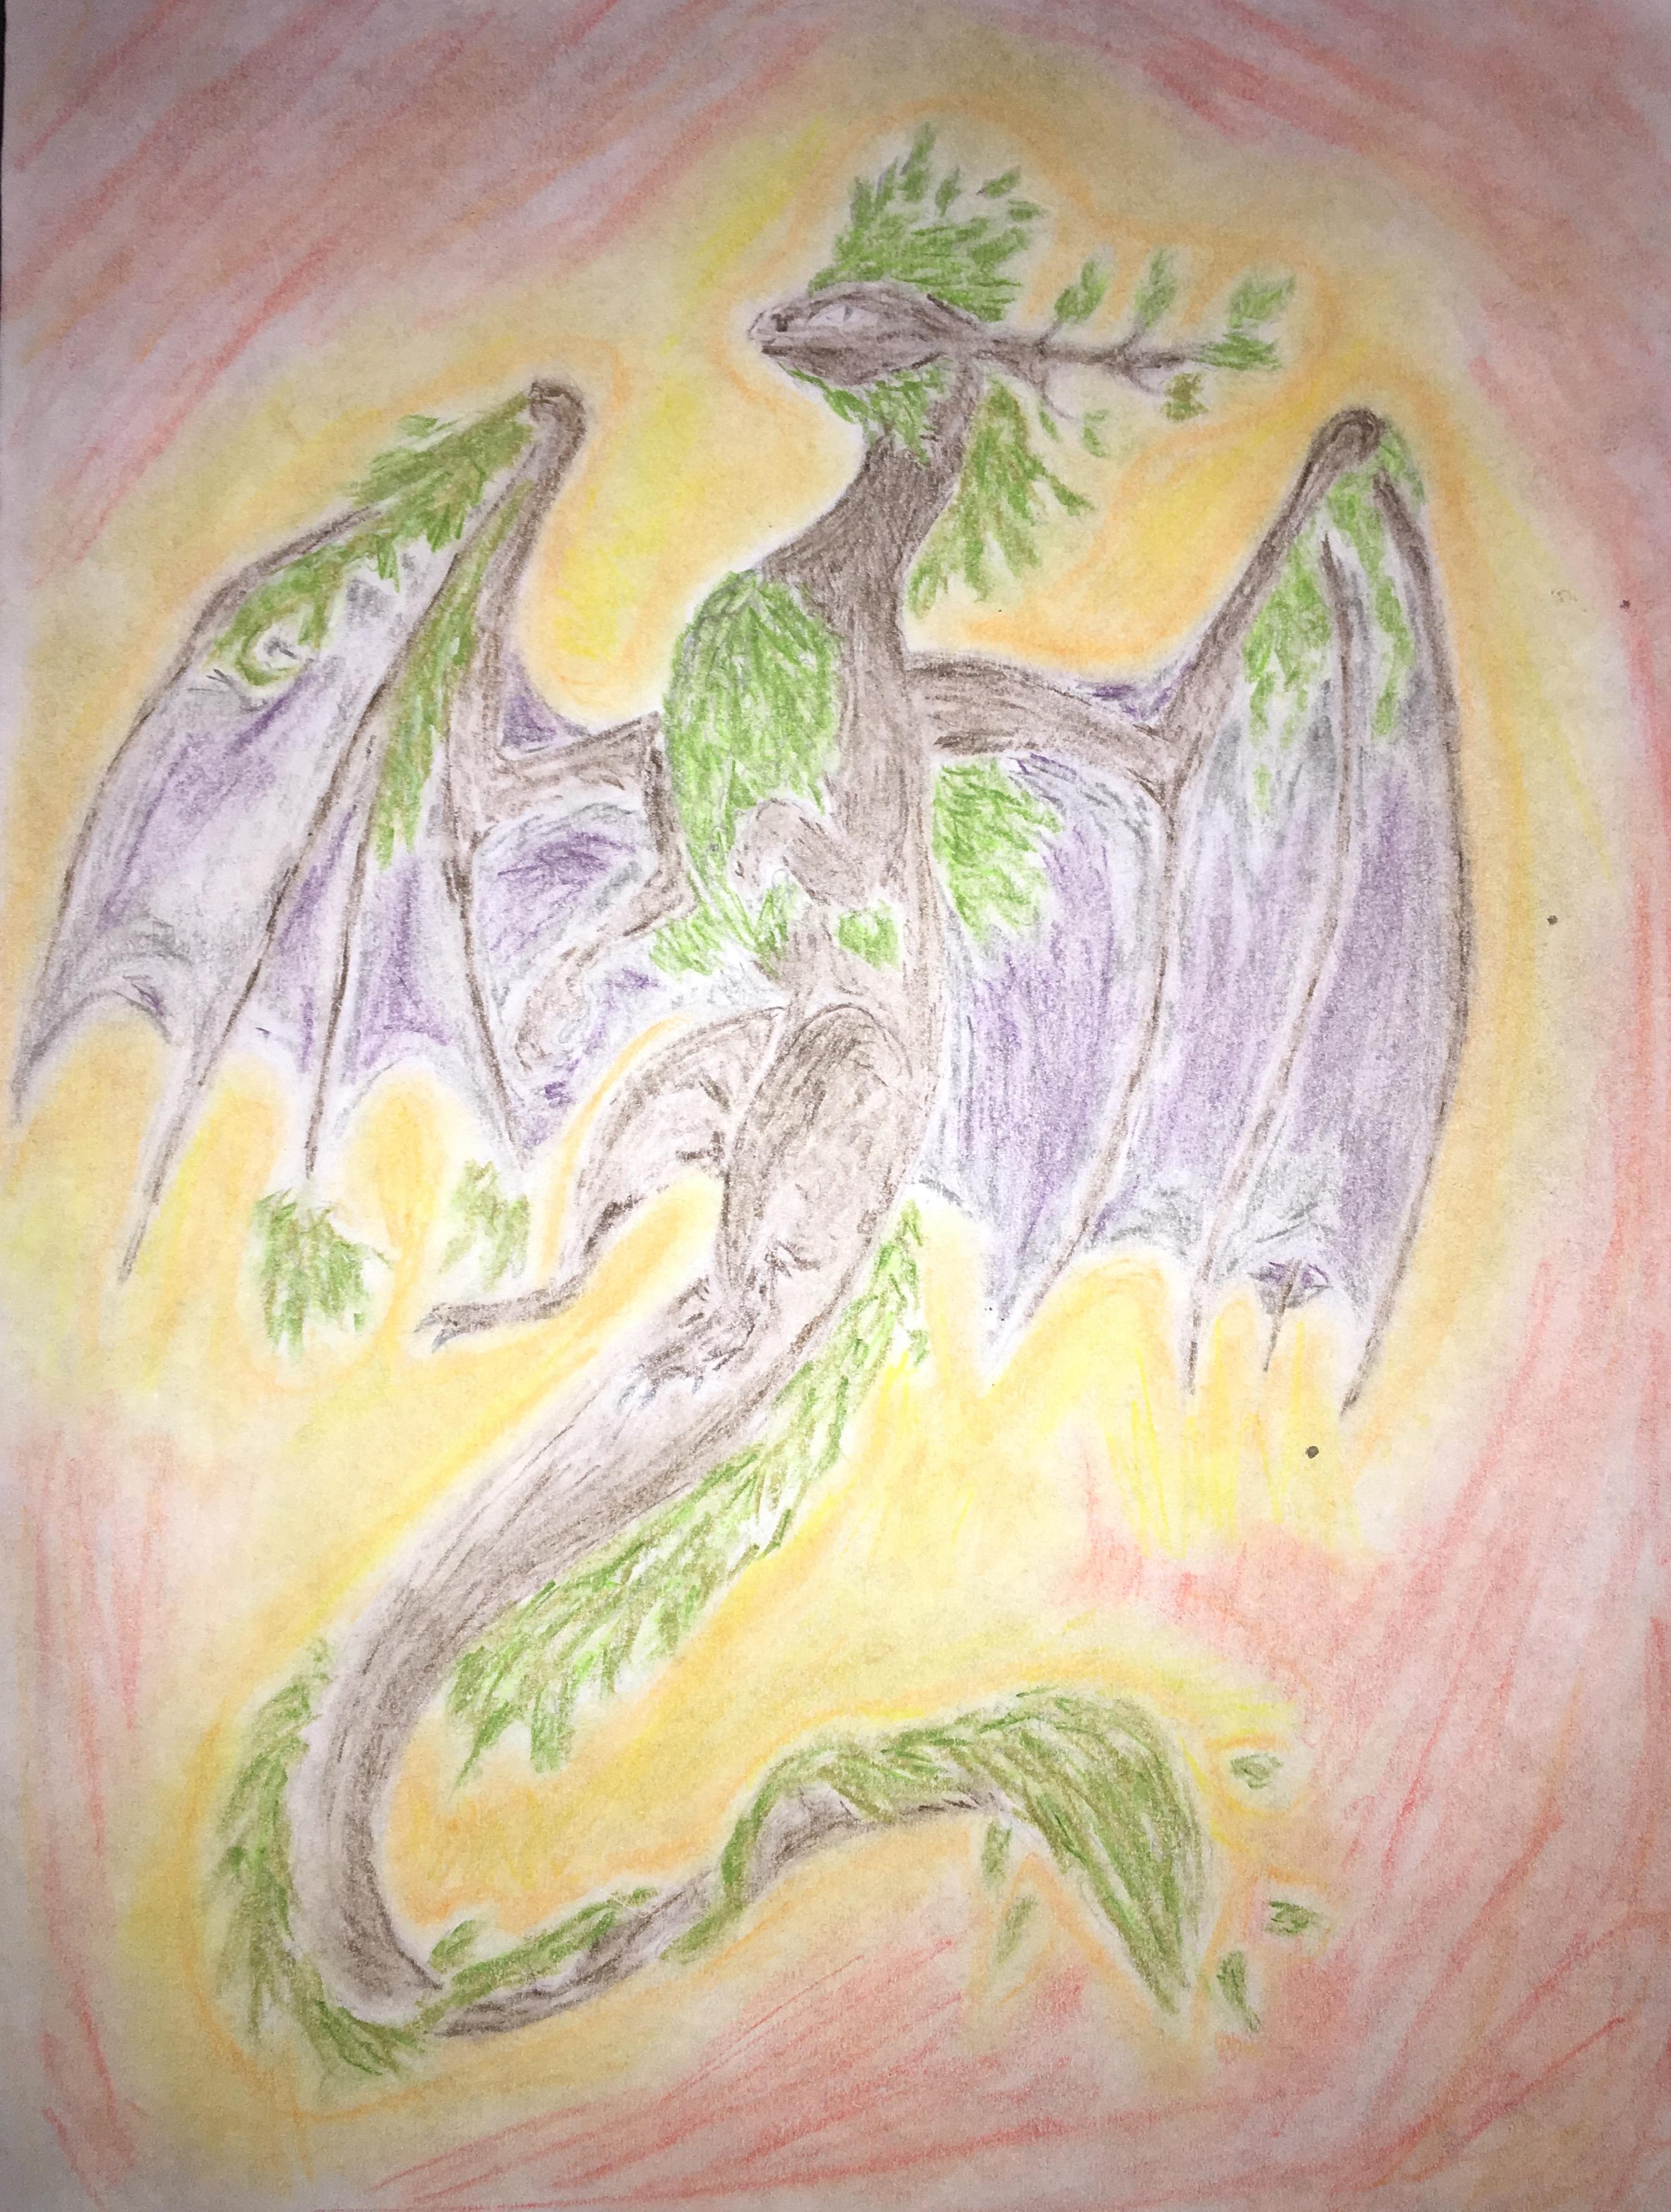 Tree Dragon thing.